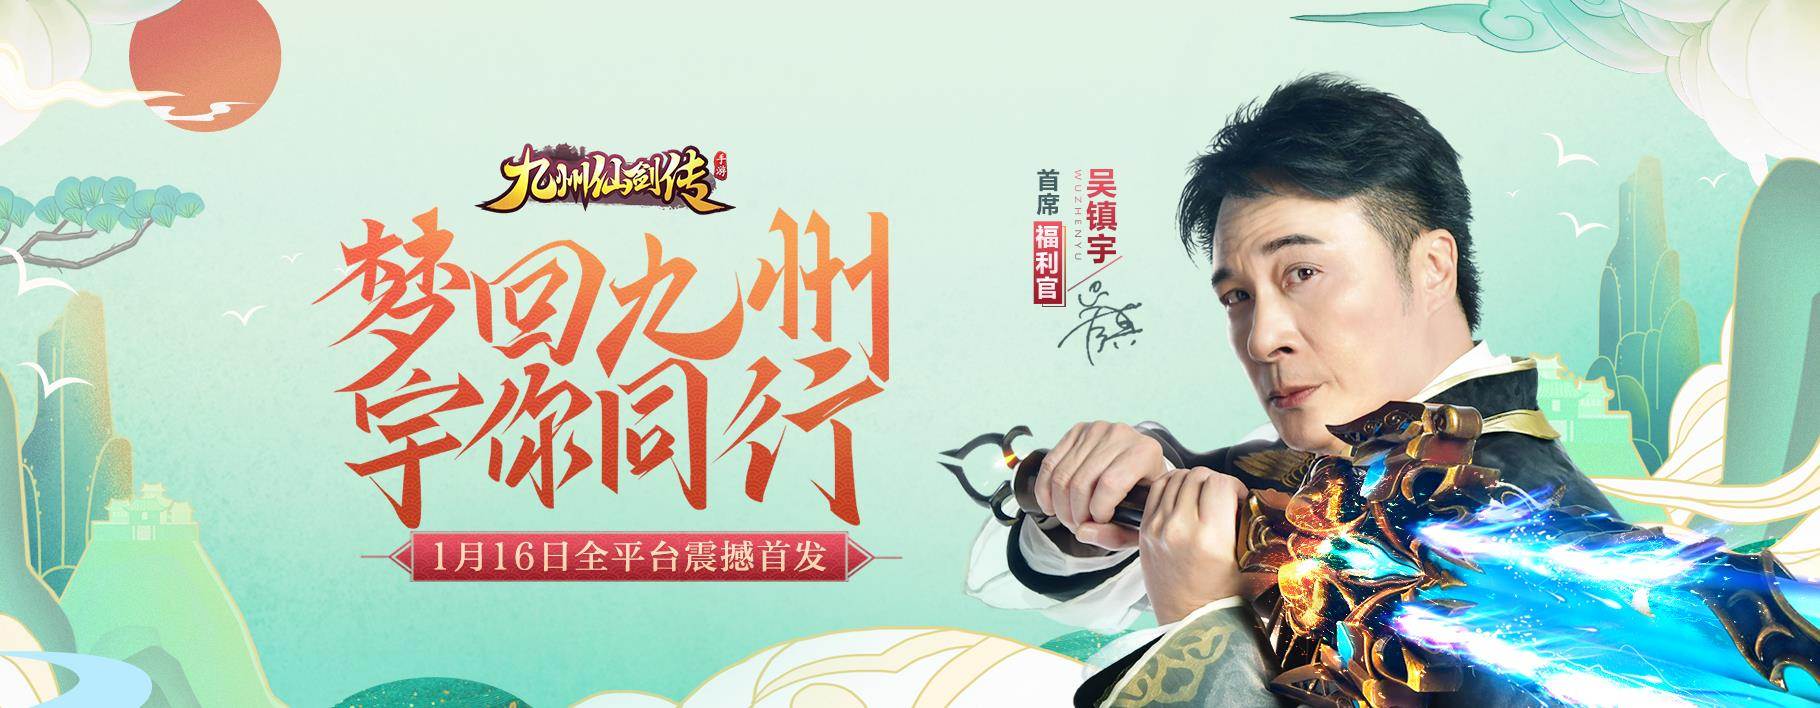 九州仙剑传游戏豪华兑换码 九州仙剑传手游明日首发[多图]图片1